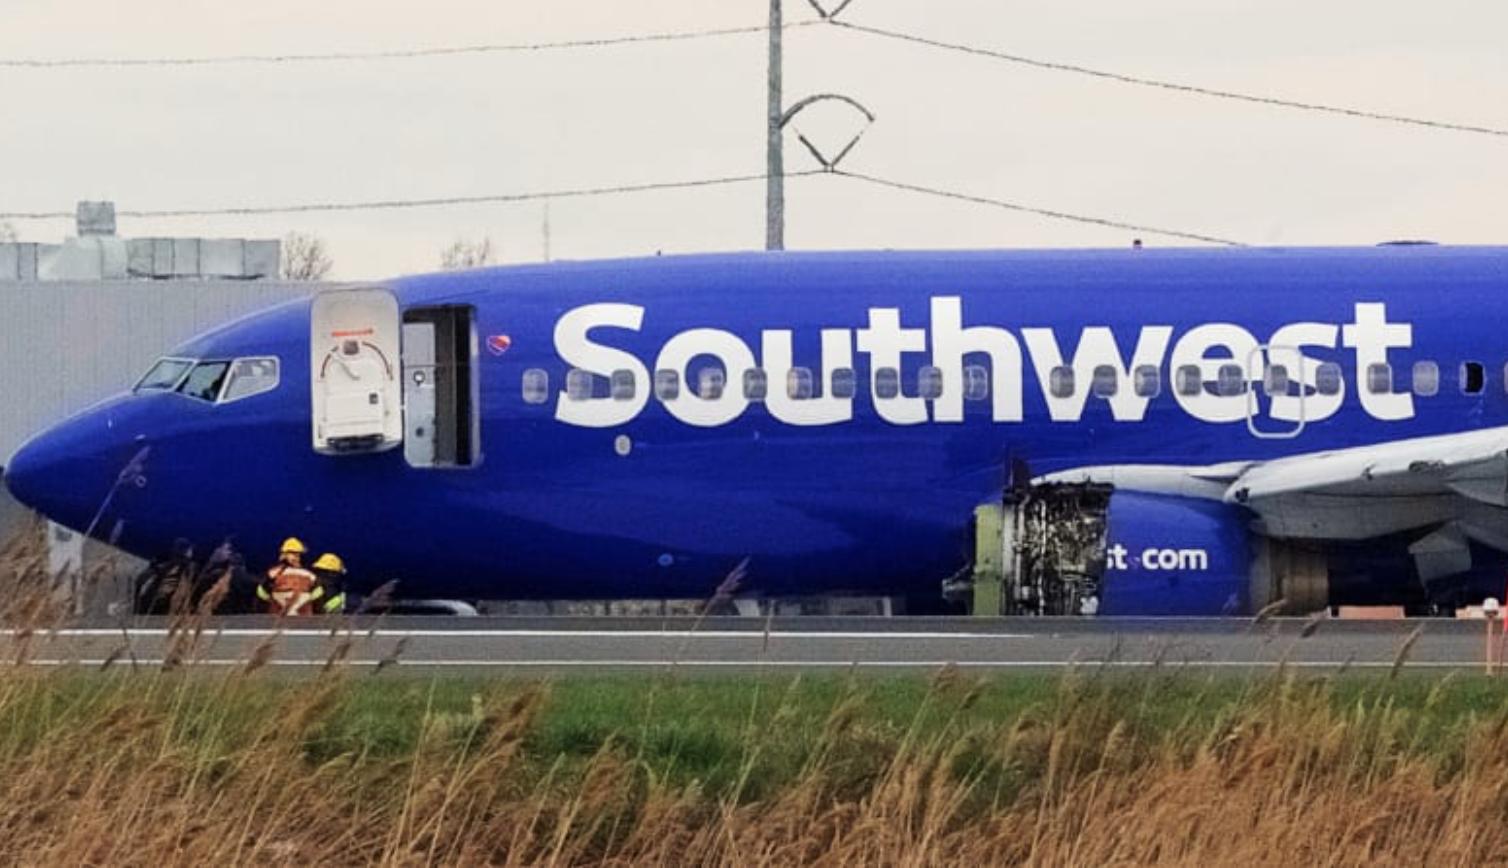 Insiden Mesin Meledak Southwest Airlines, Mengulang Peristiwa Sama 2016